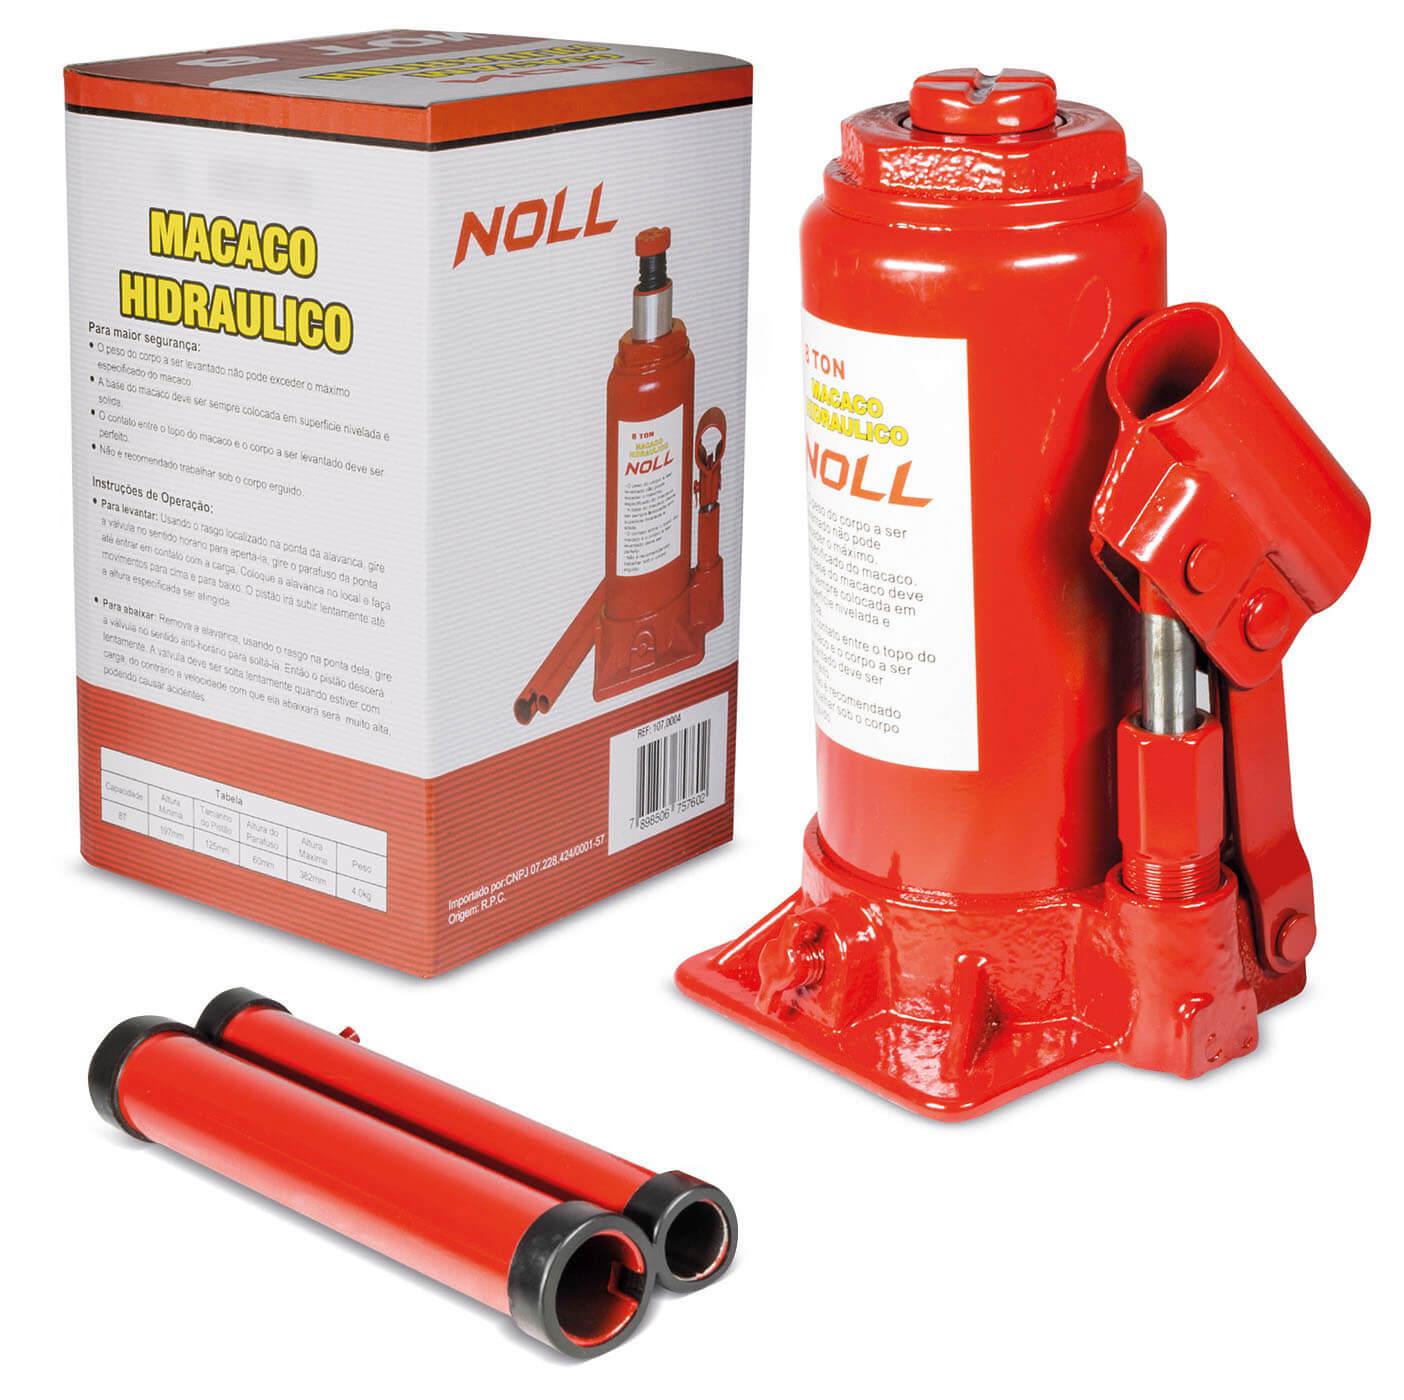 Macaco hidráulico tipo garrafa 16 toneladas - Noll